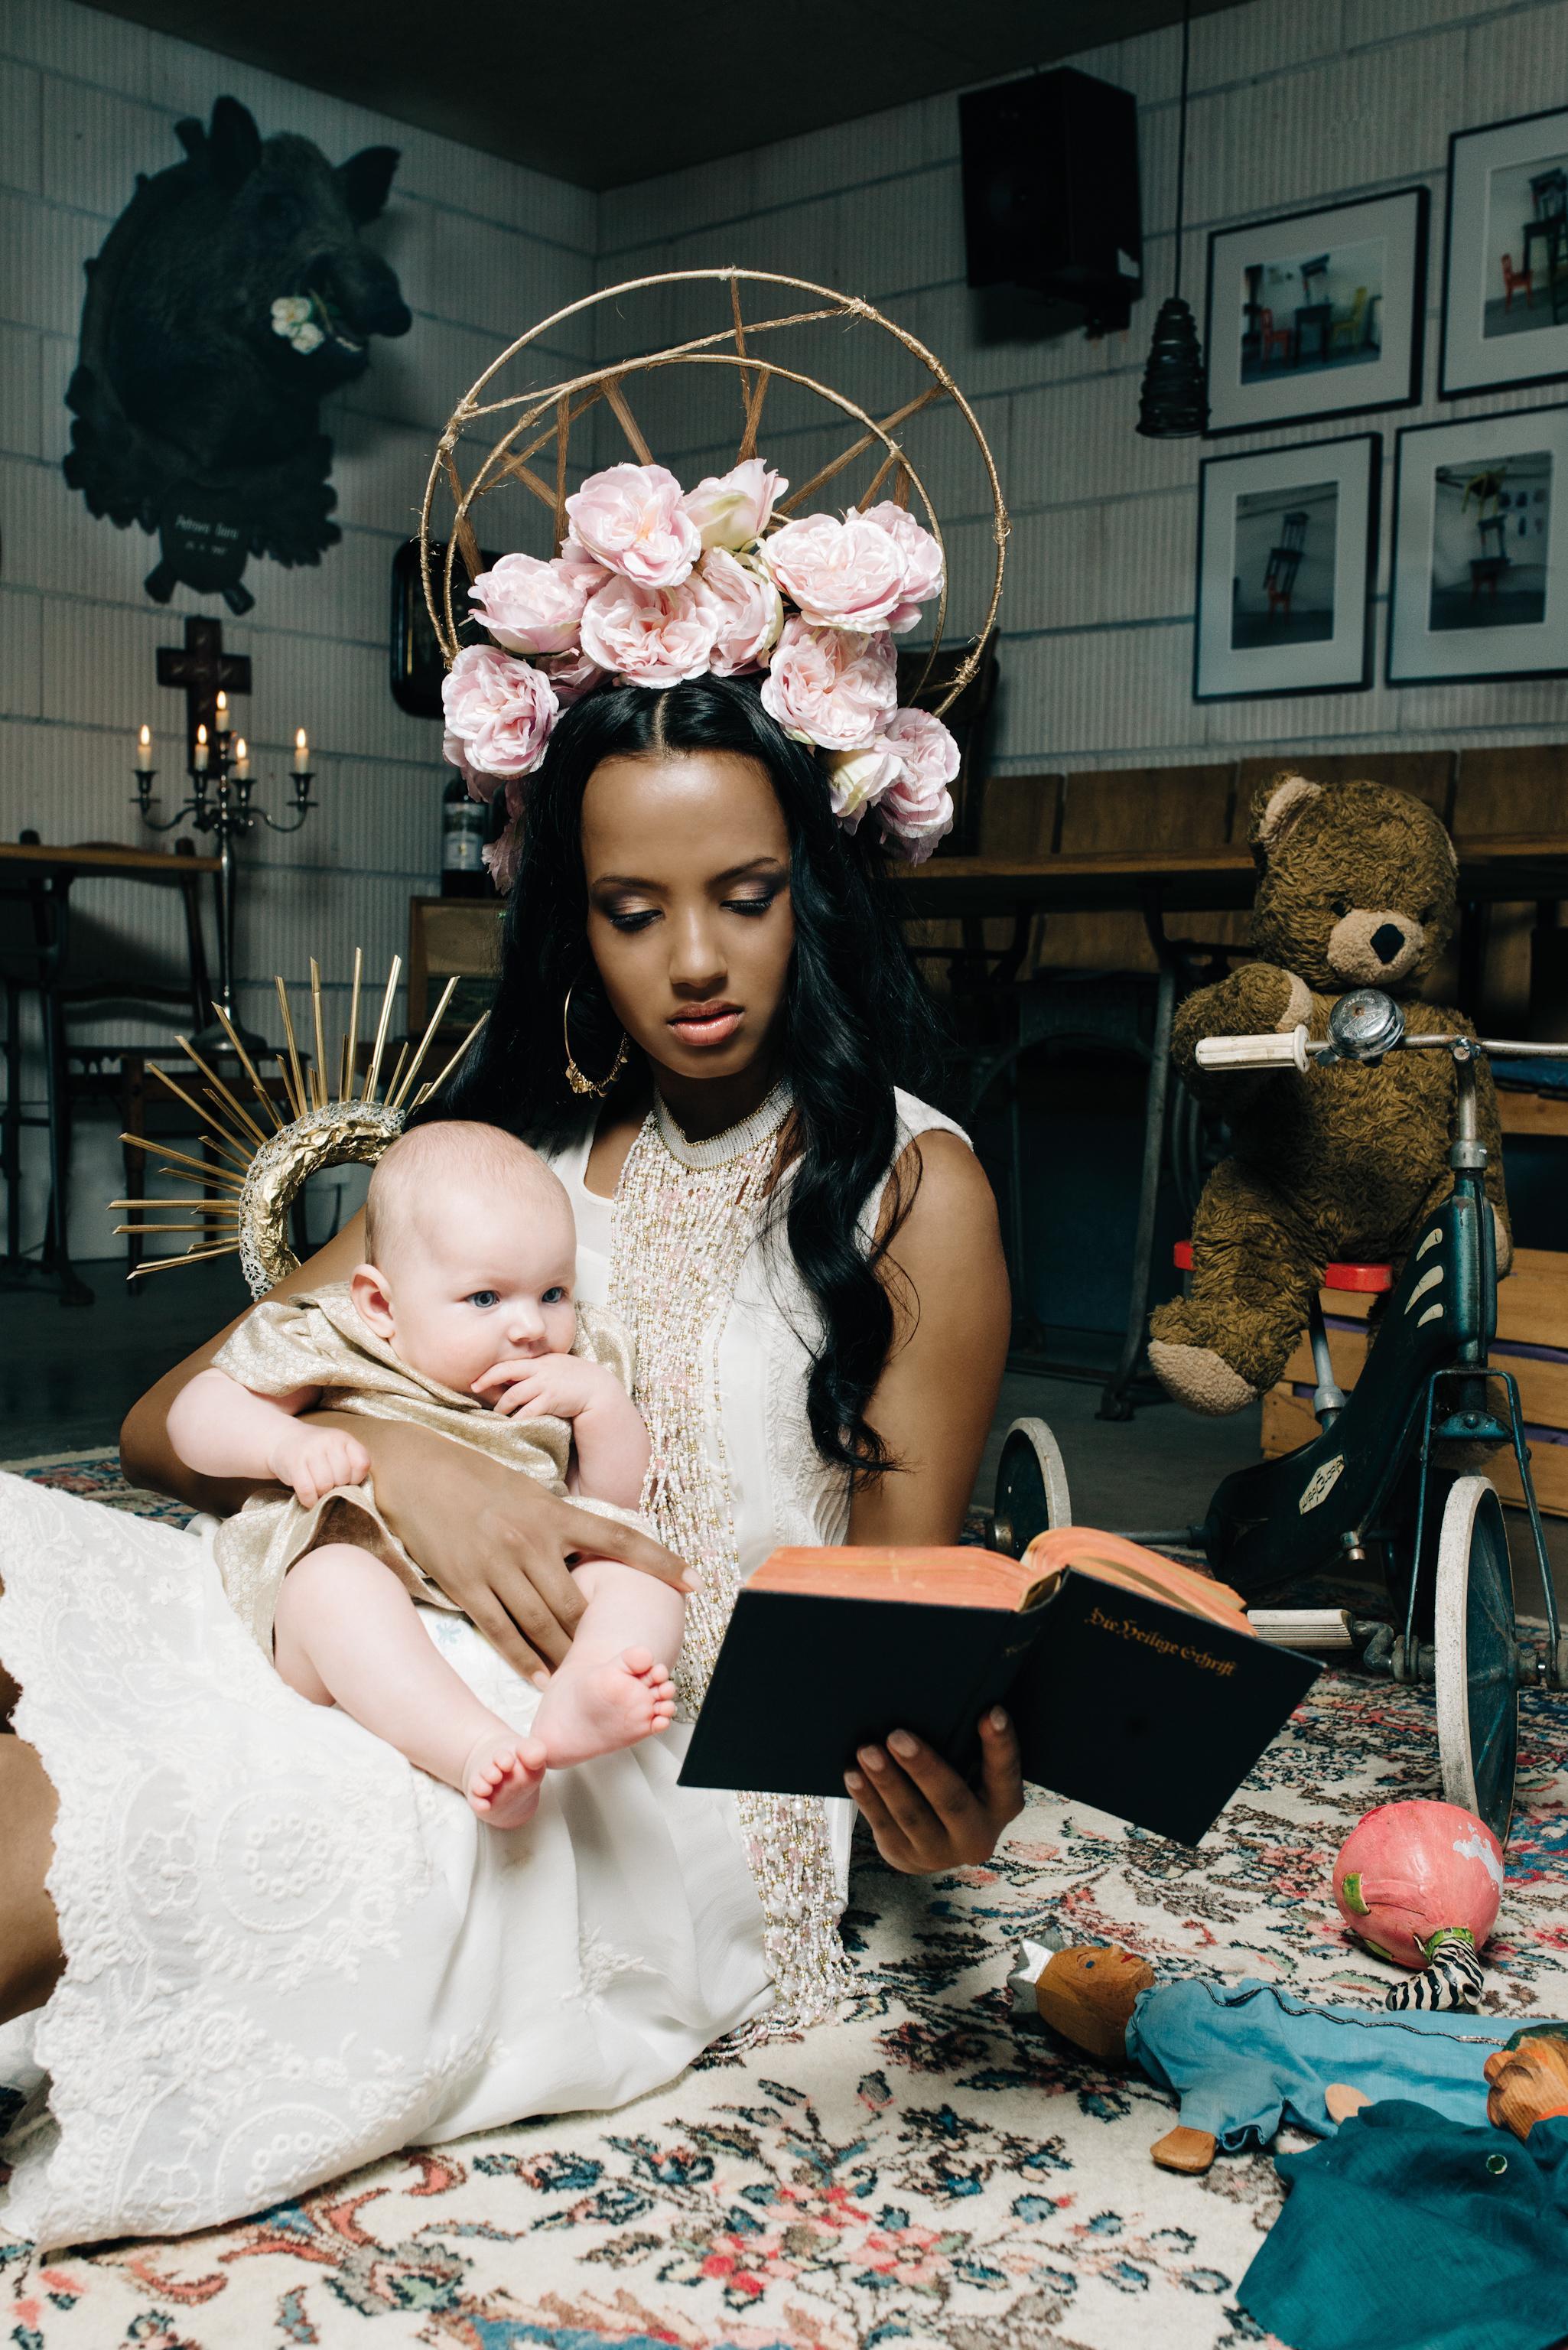 Mutterschaft: Mutterschaft ist kein unumstößliches Naturgesetz mehr.